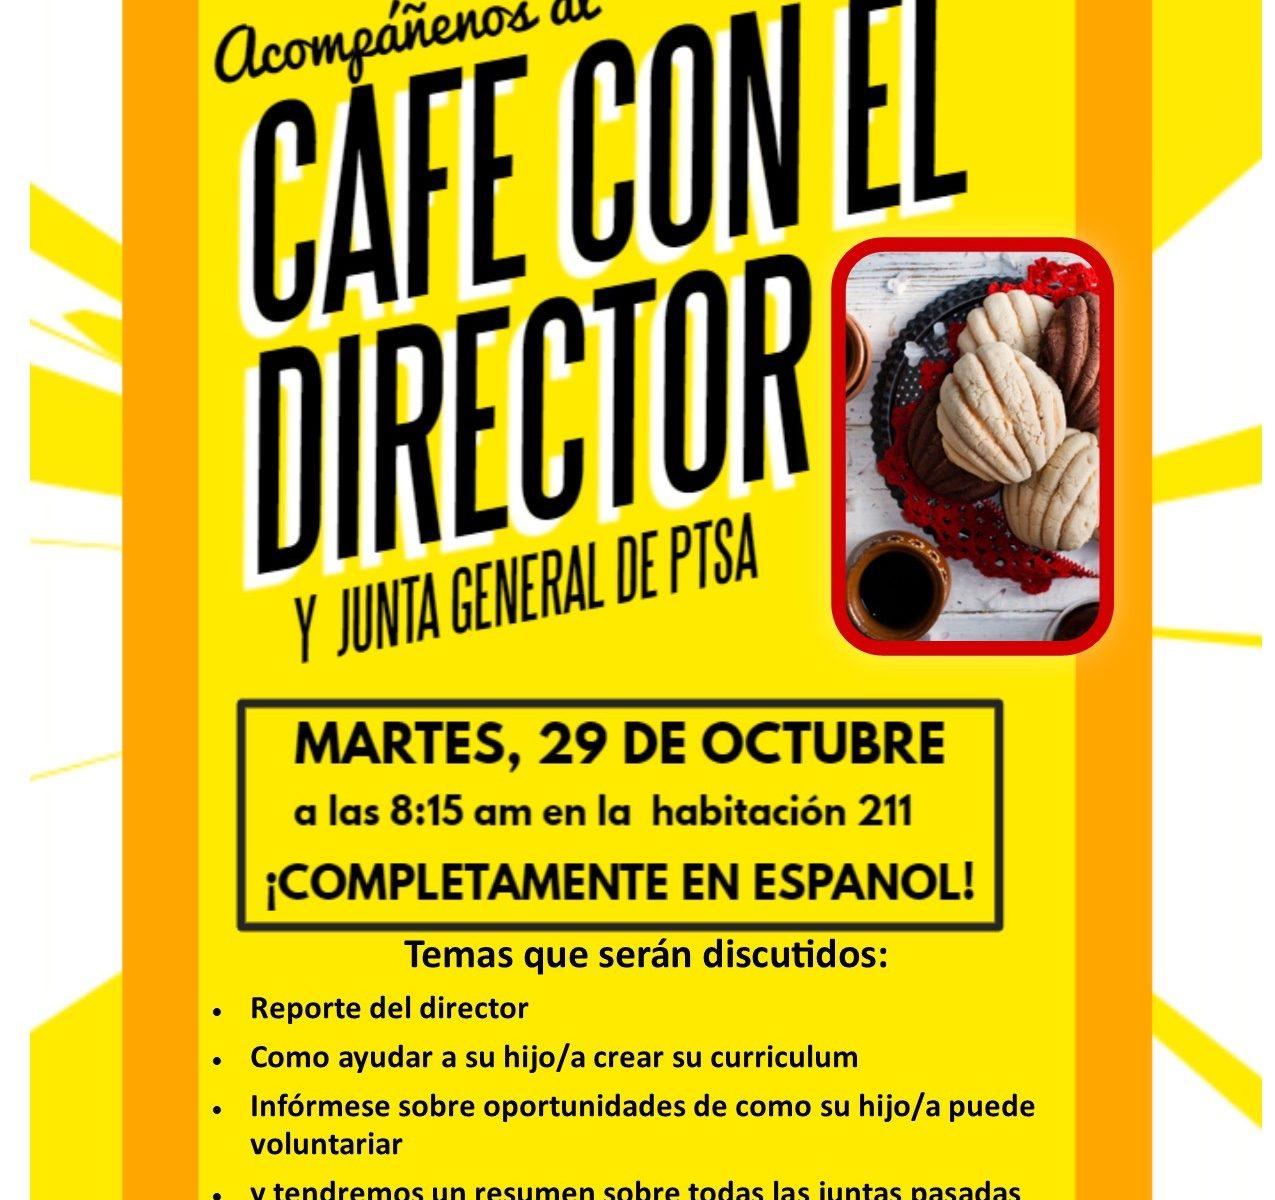 Cafe Con El Director